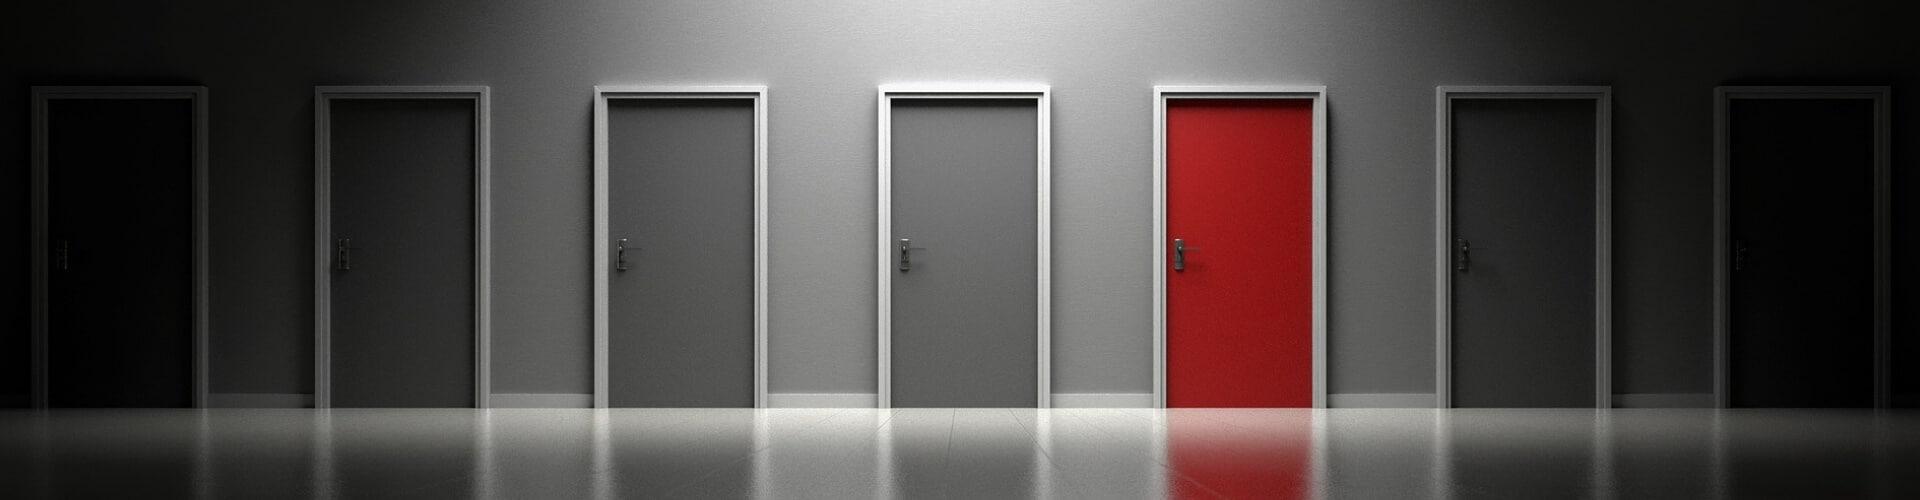 talent management joubert and associates